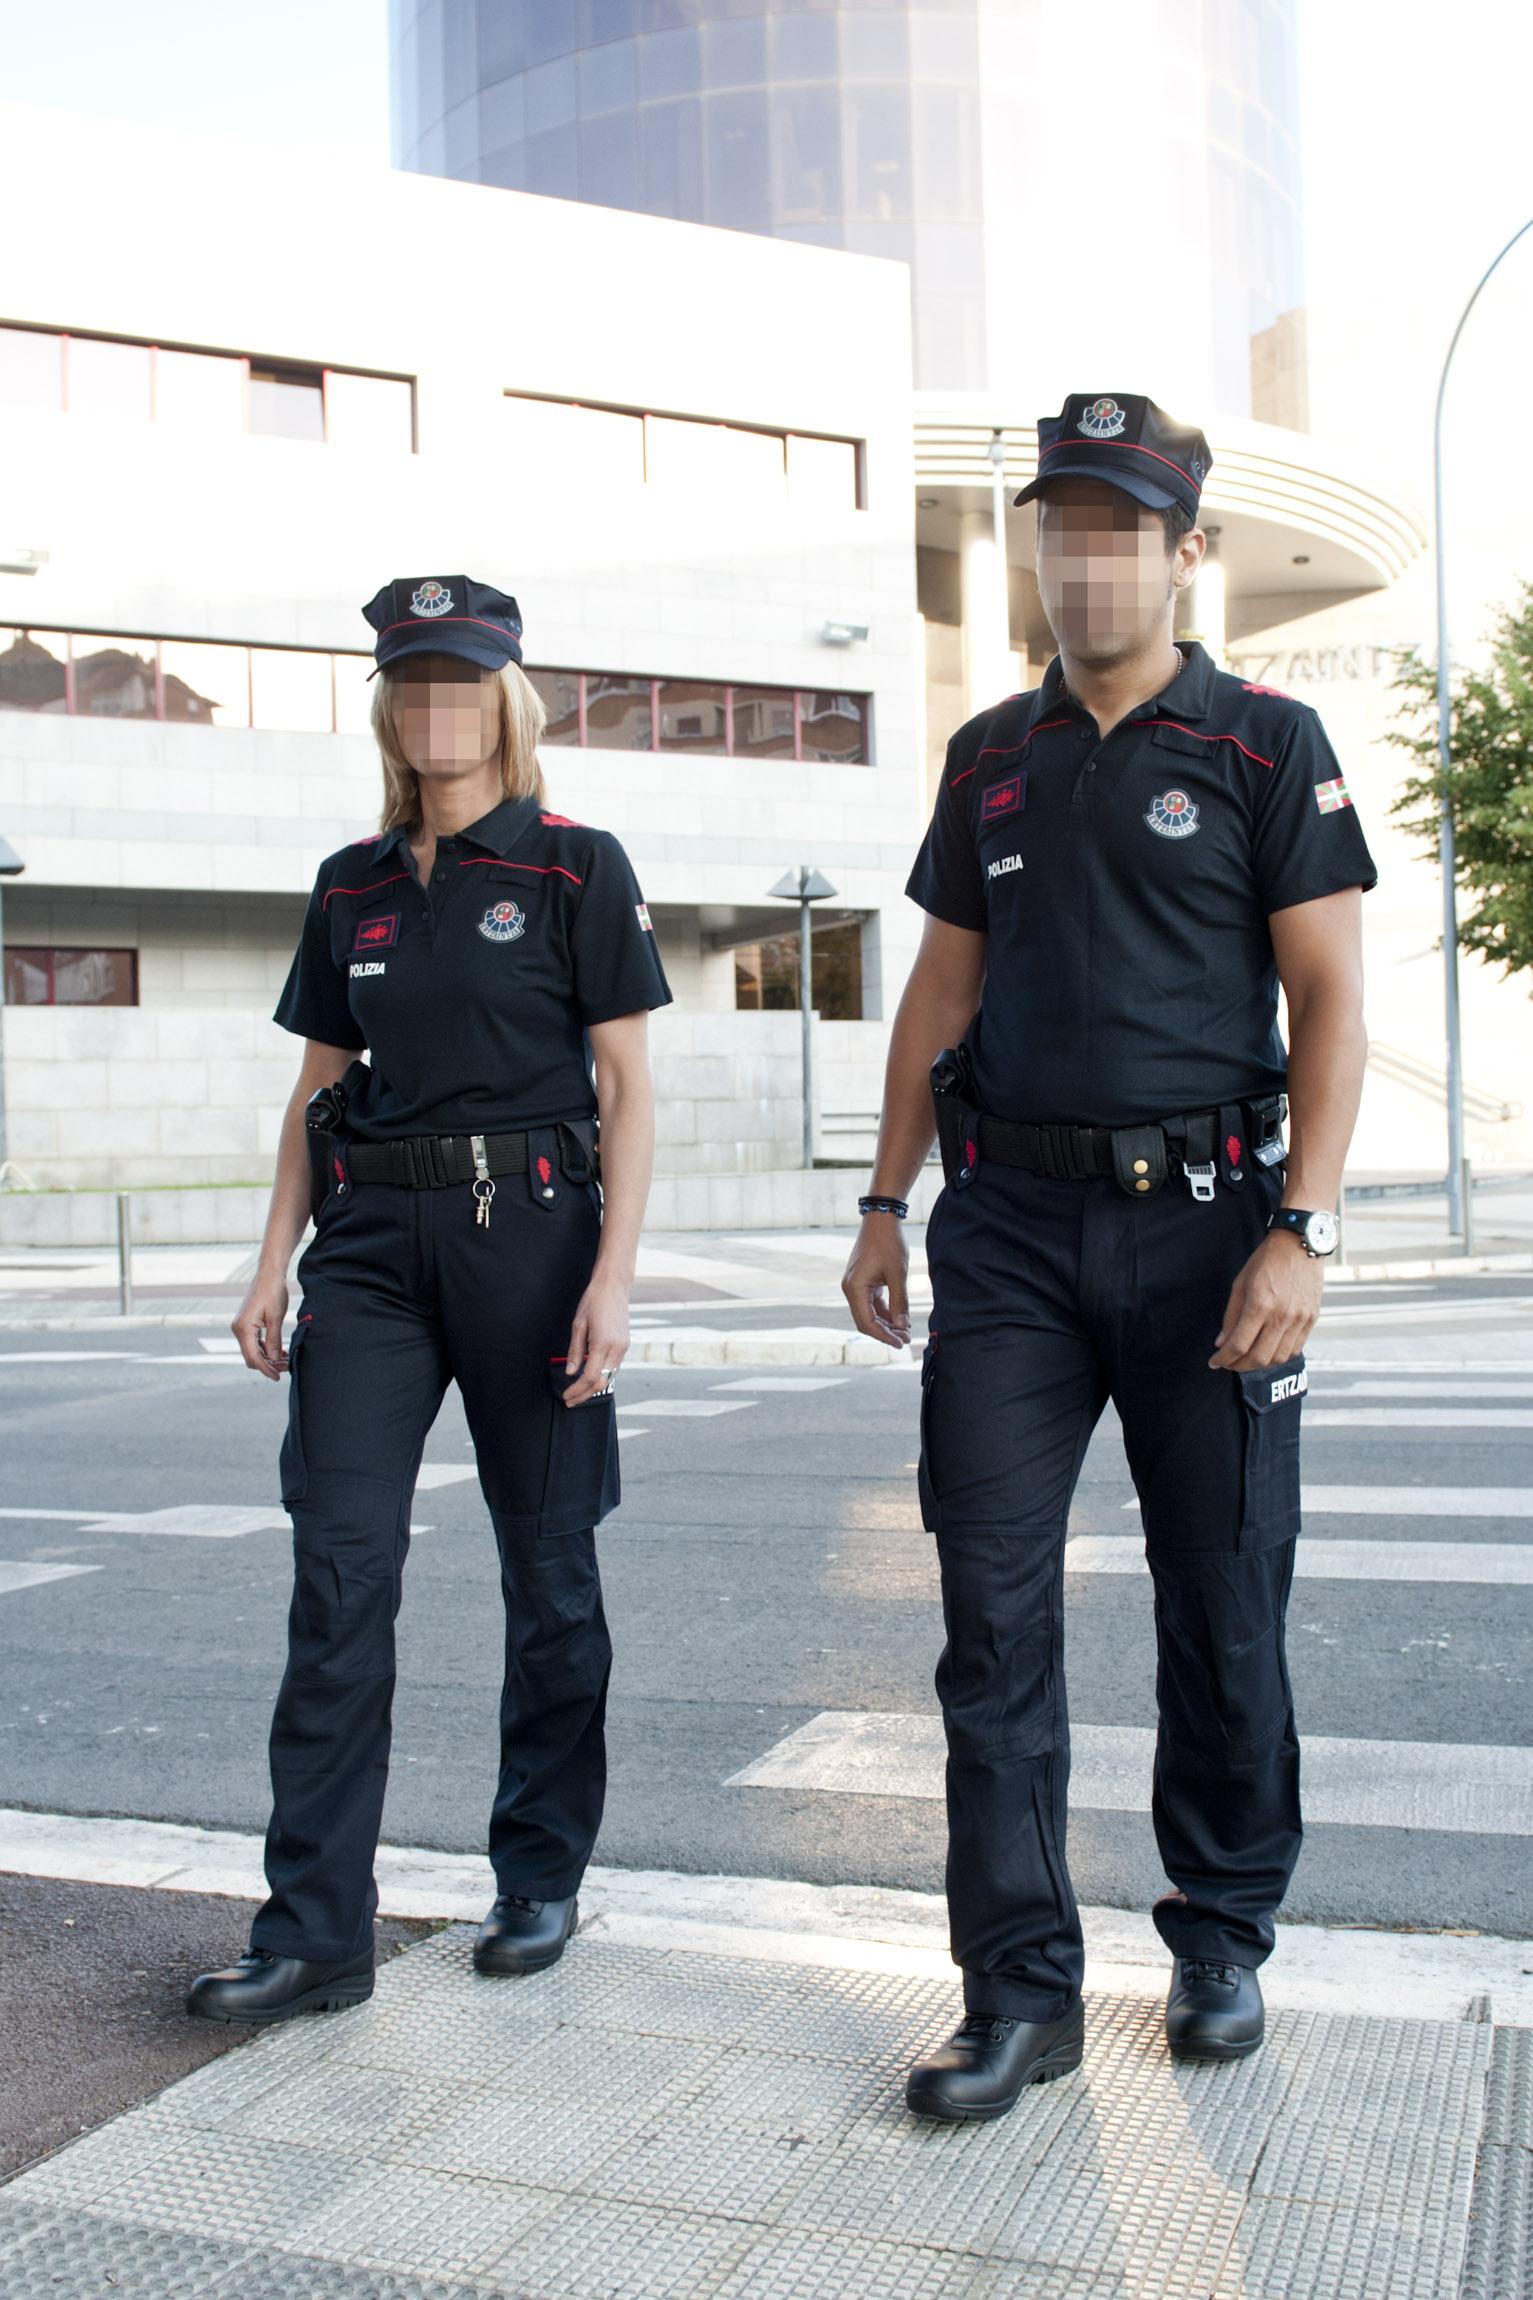 2011_07_23_ertzaintza_uniforme_007.jpg